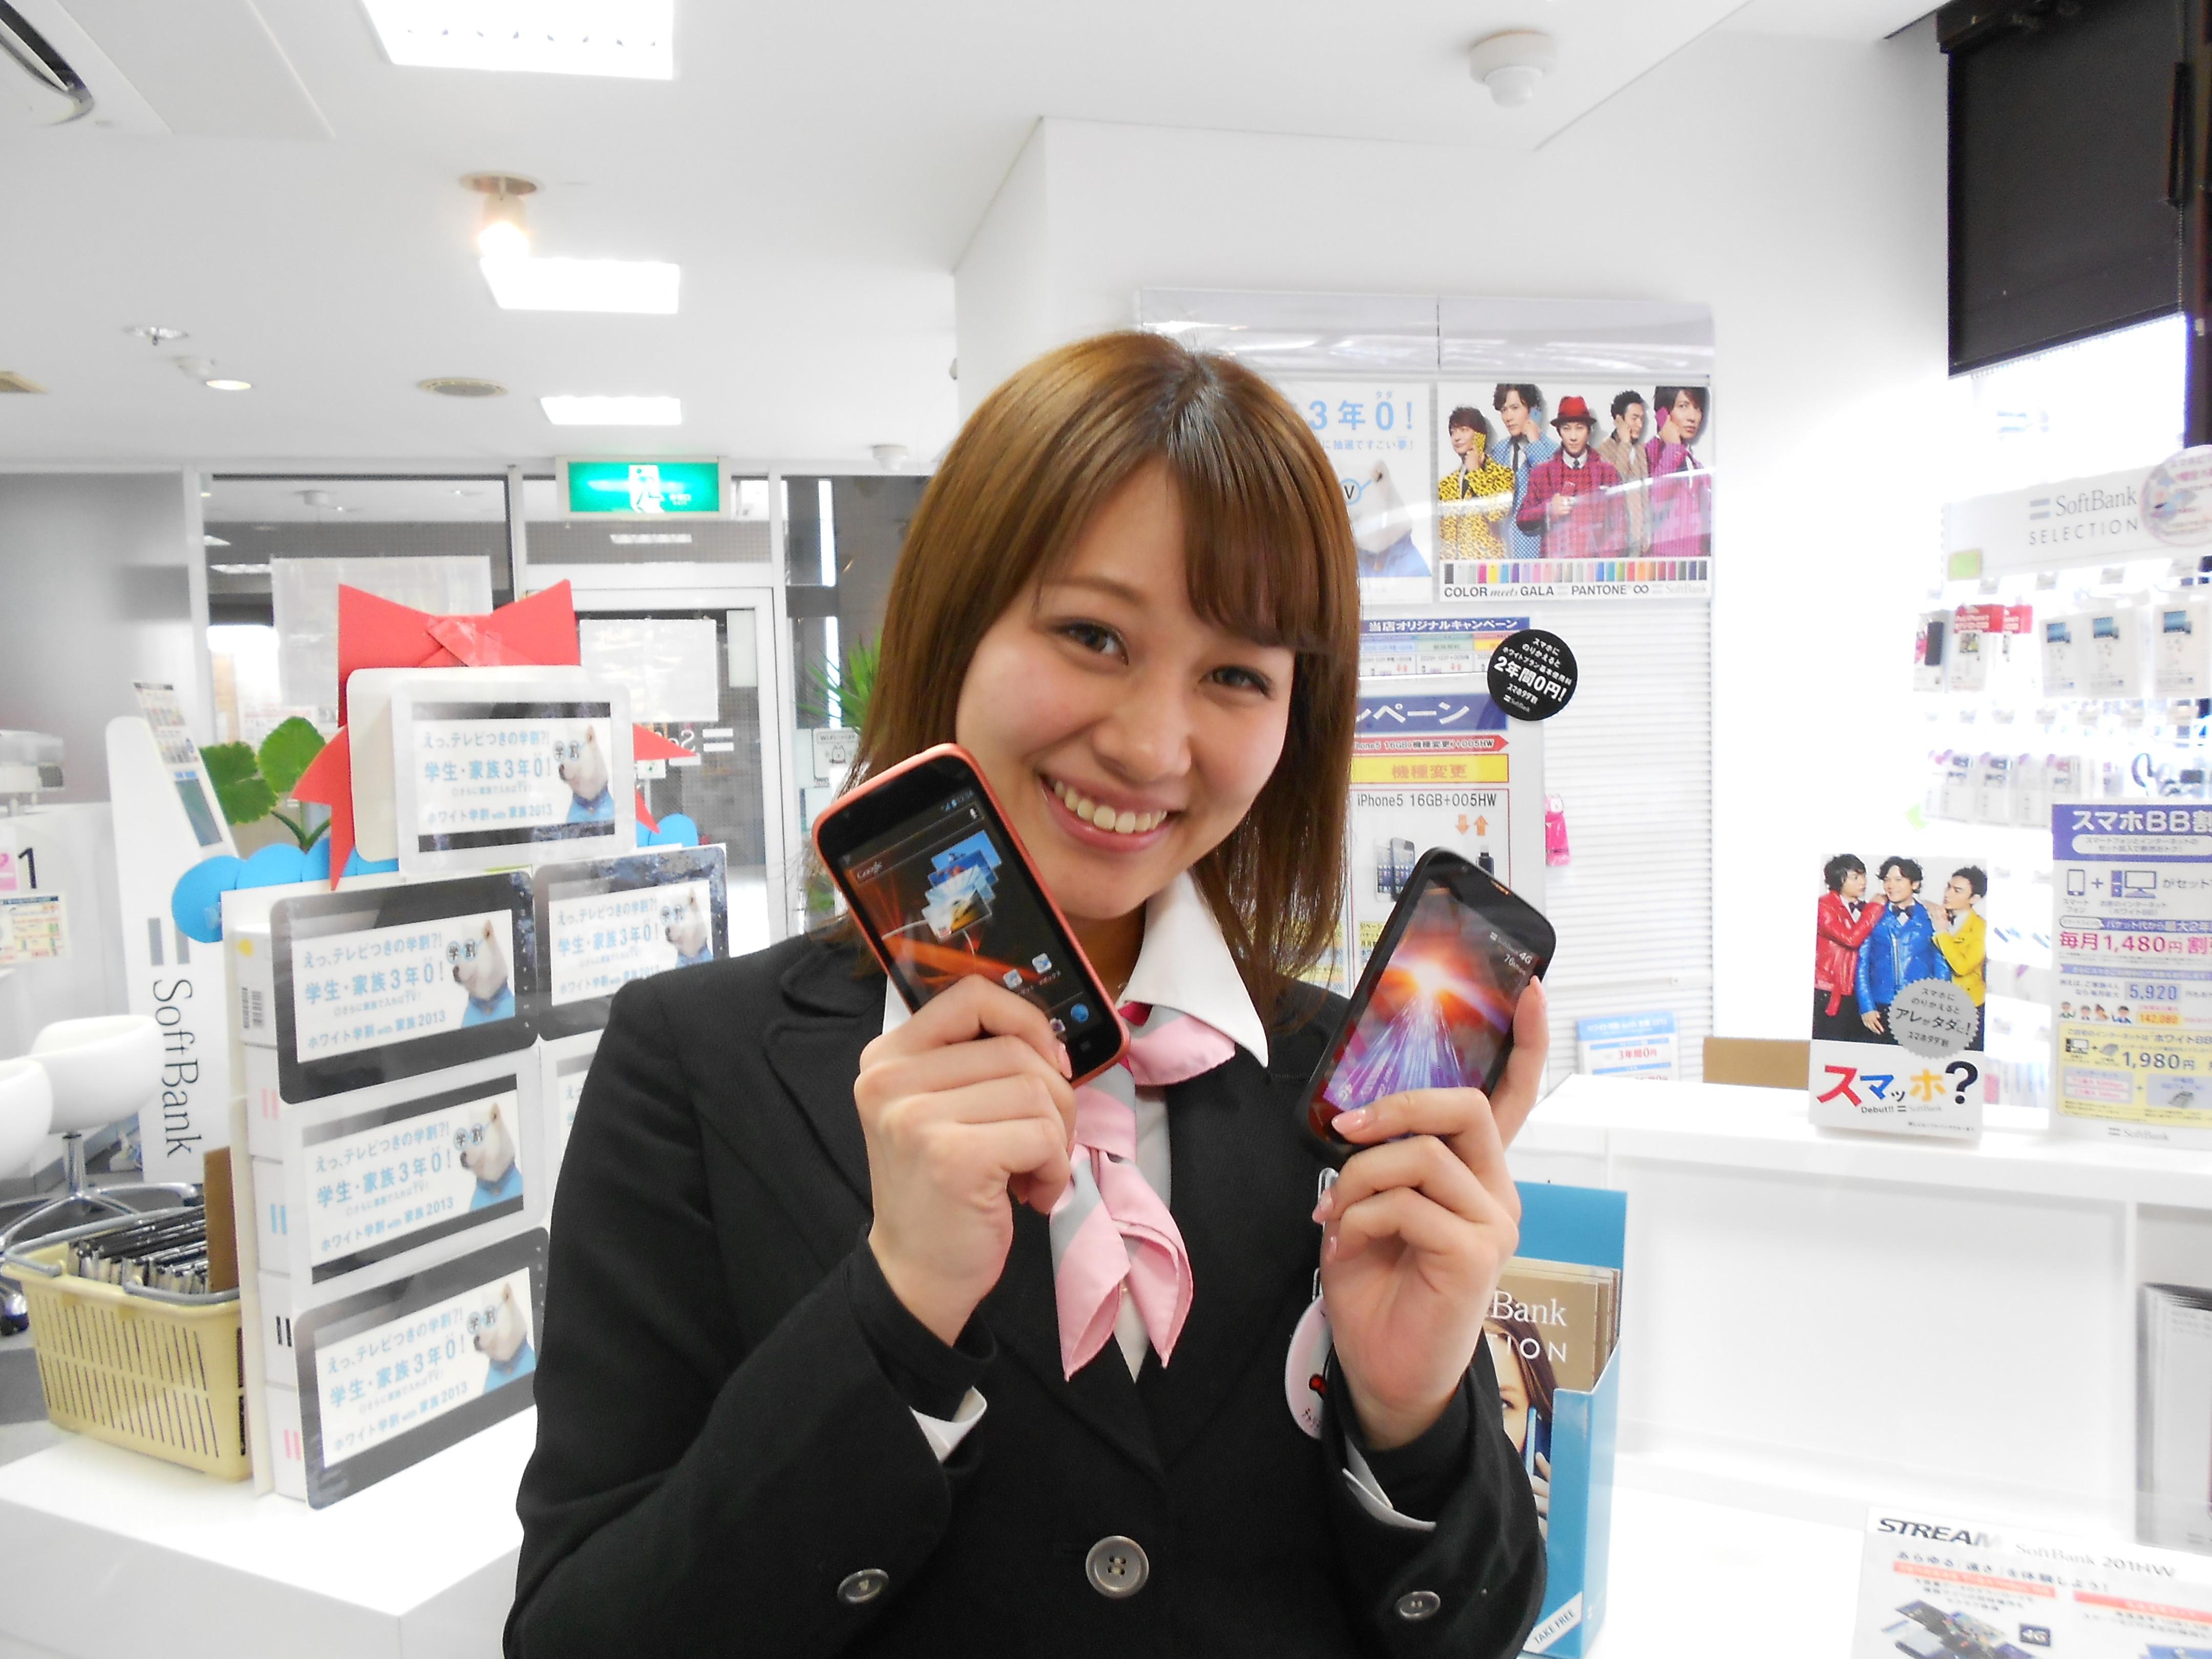 ソフトバンク 湘南ライフタウン店(株式会社シエロ)のアルバイト情報